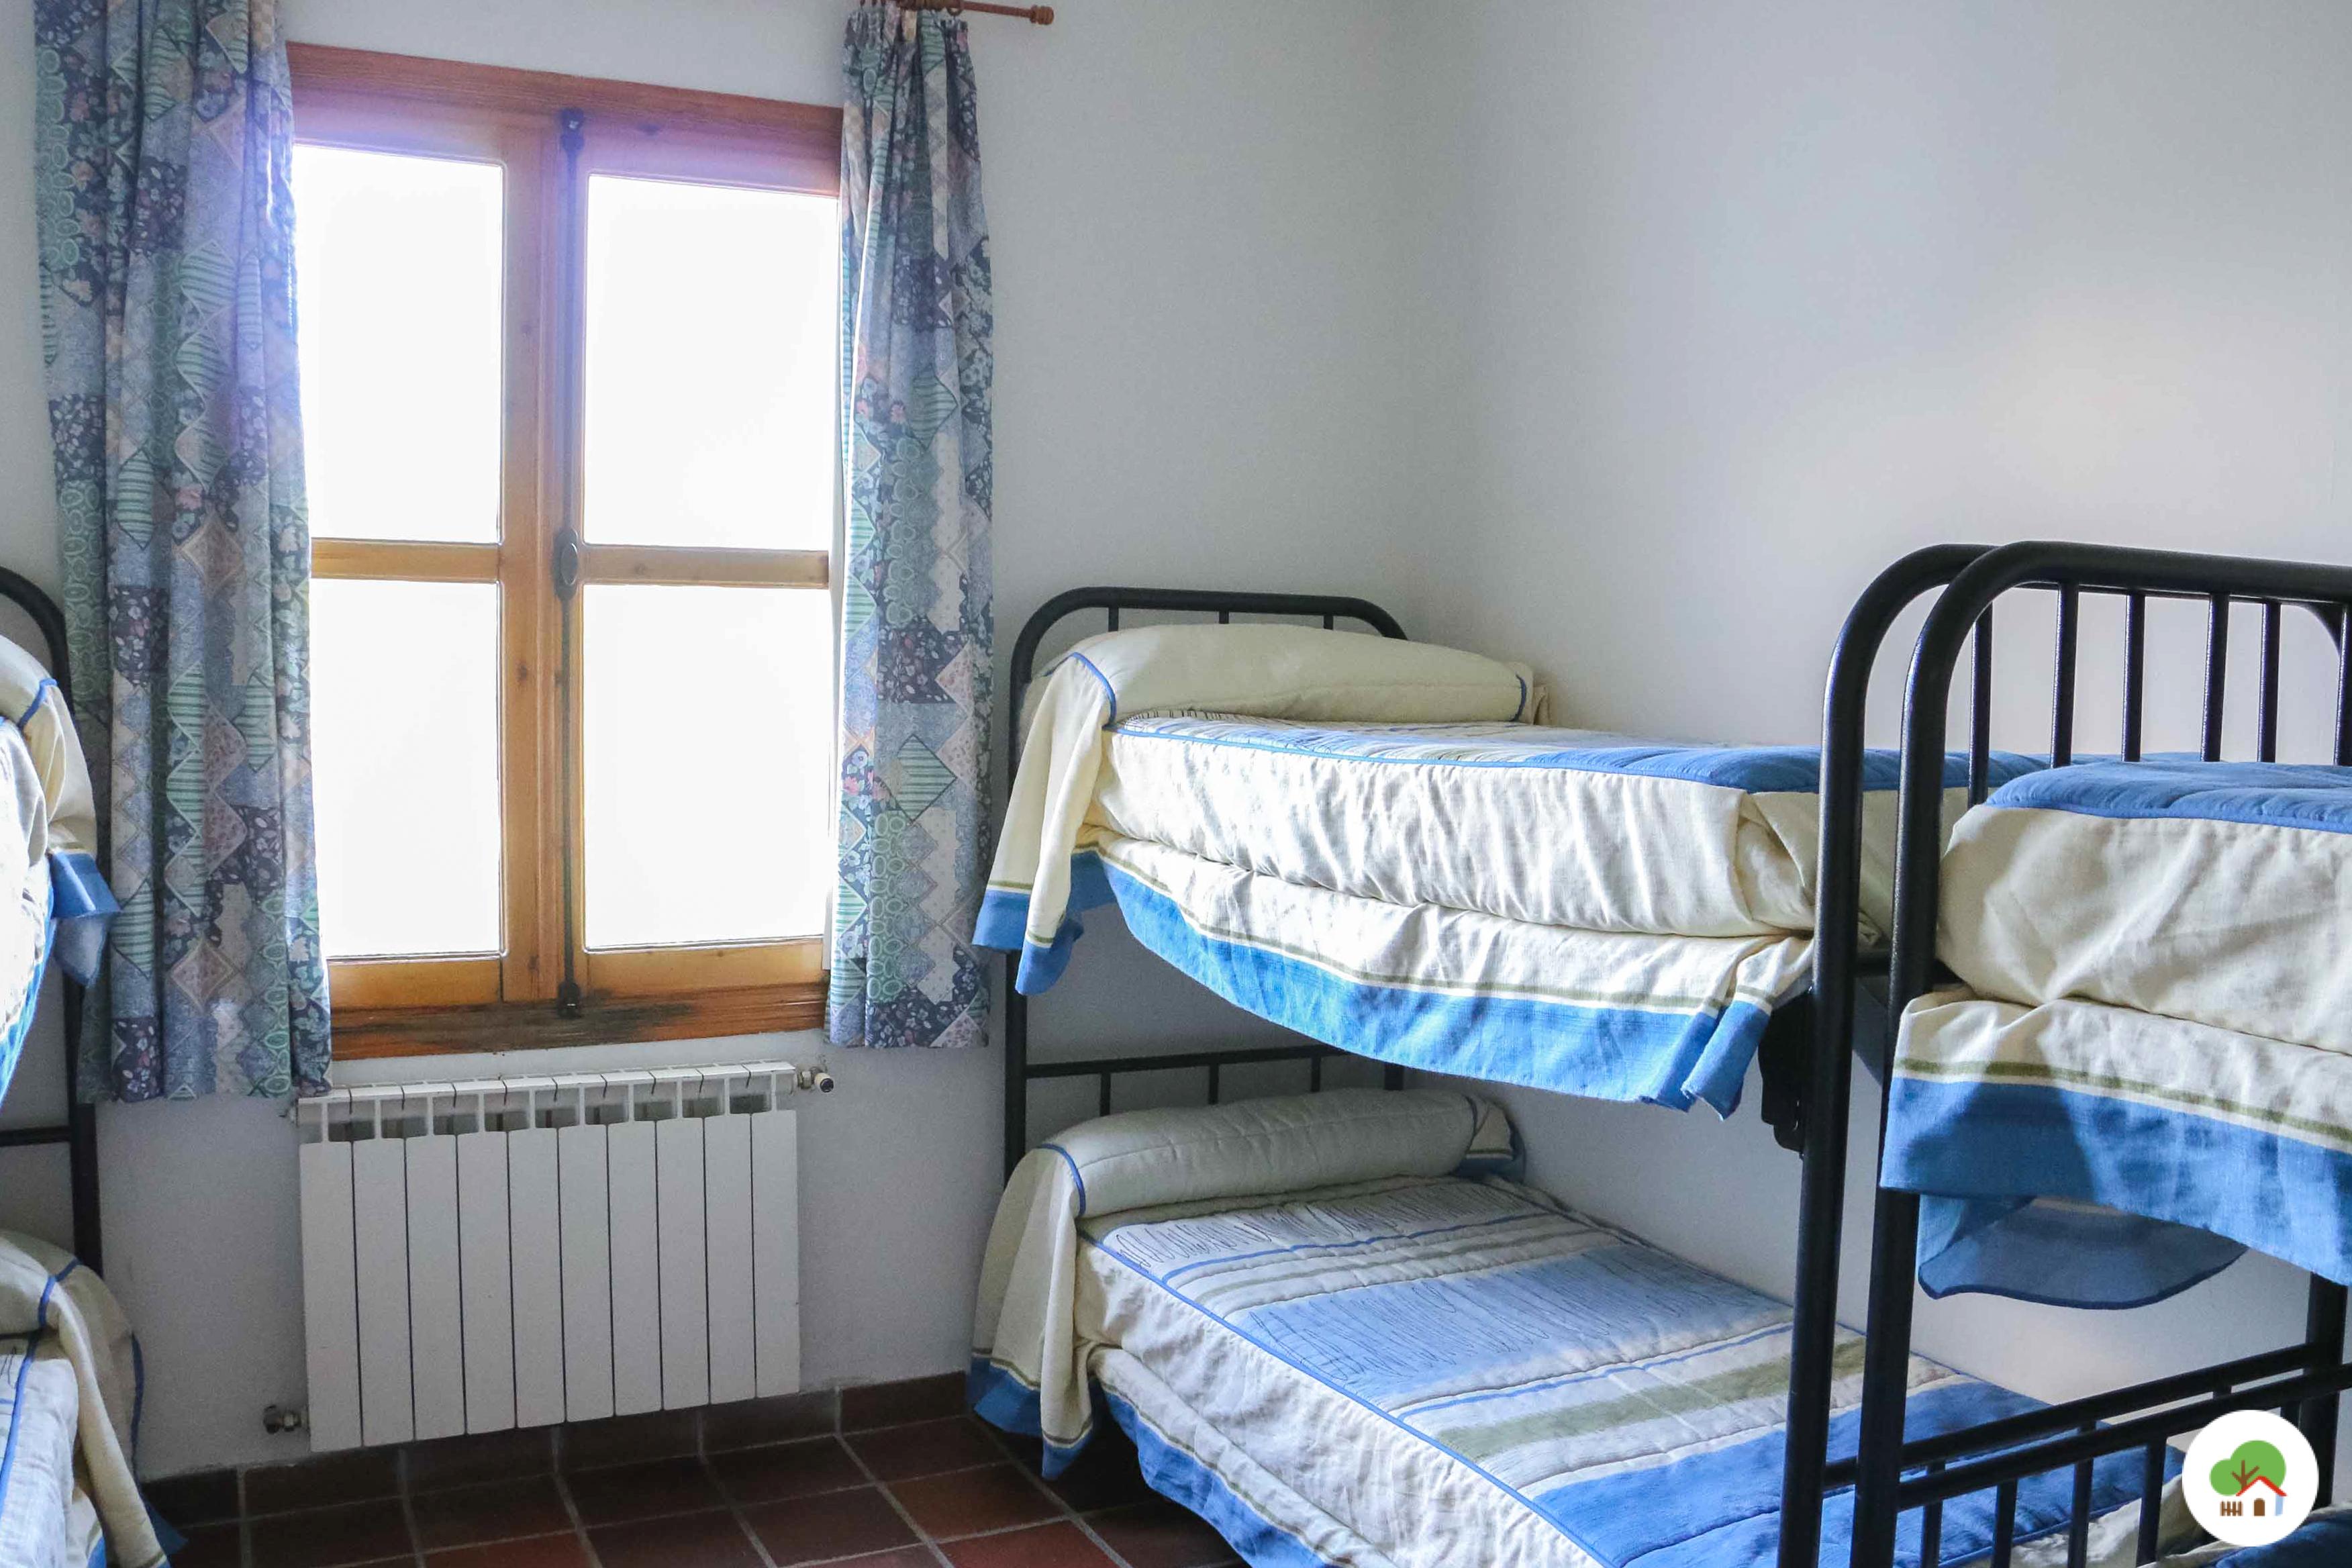 habitaciones campamento de verano albitana